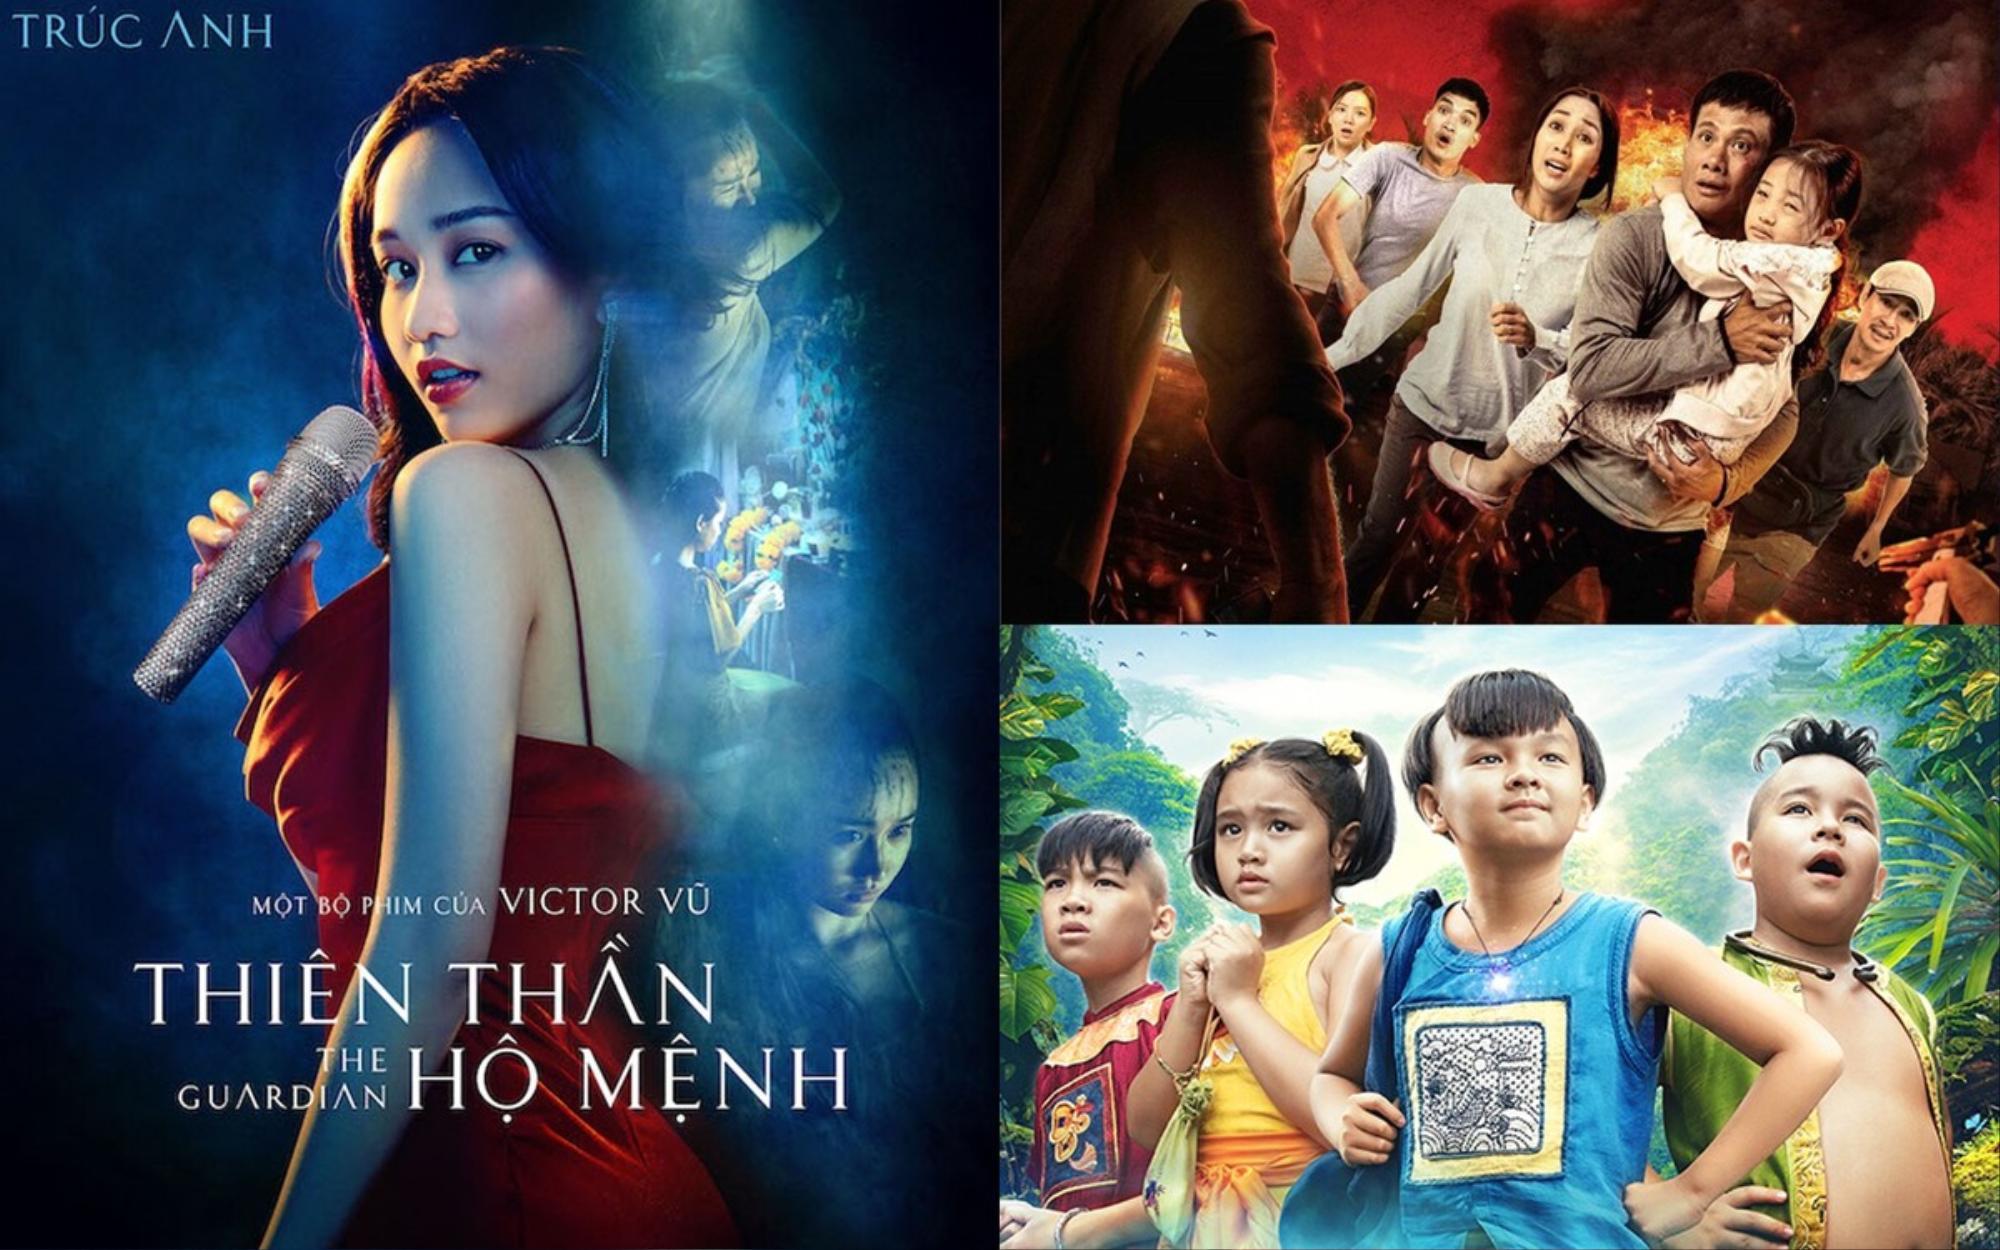 Rạp Việt nửa đầu năm 2021: Những thành tựu 'vượt khó vươn lên' và lời cầu cứu còn bỏ ngỏ Ảnh 9